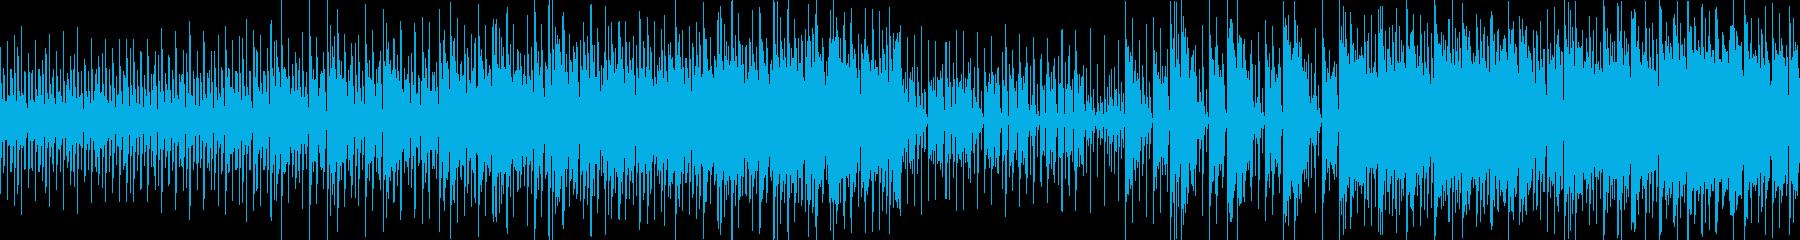 ■ヒップホップ・推理・シリアスな場面にの再生済みの波形